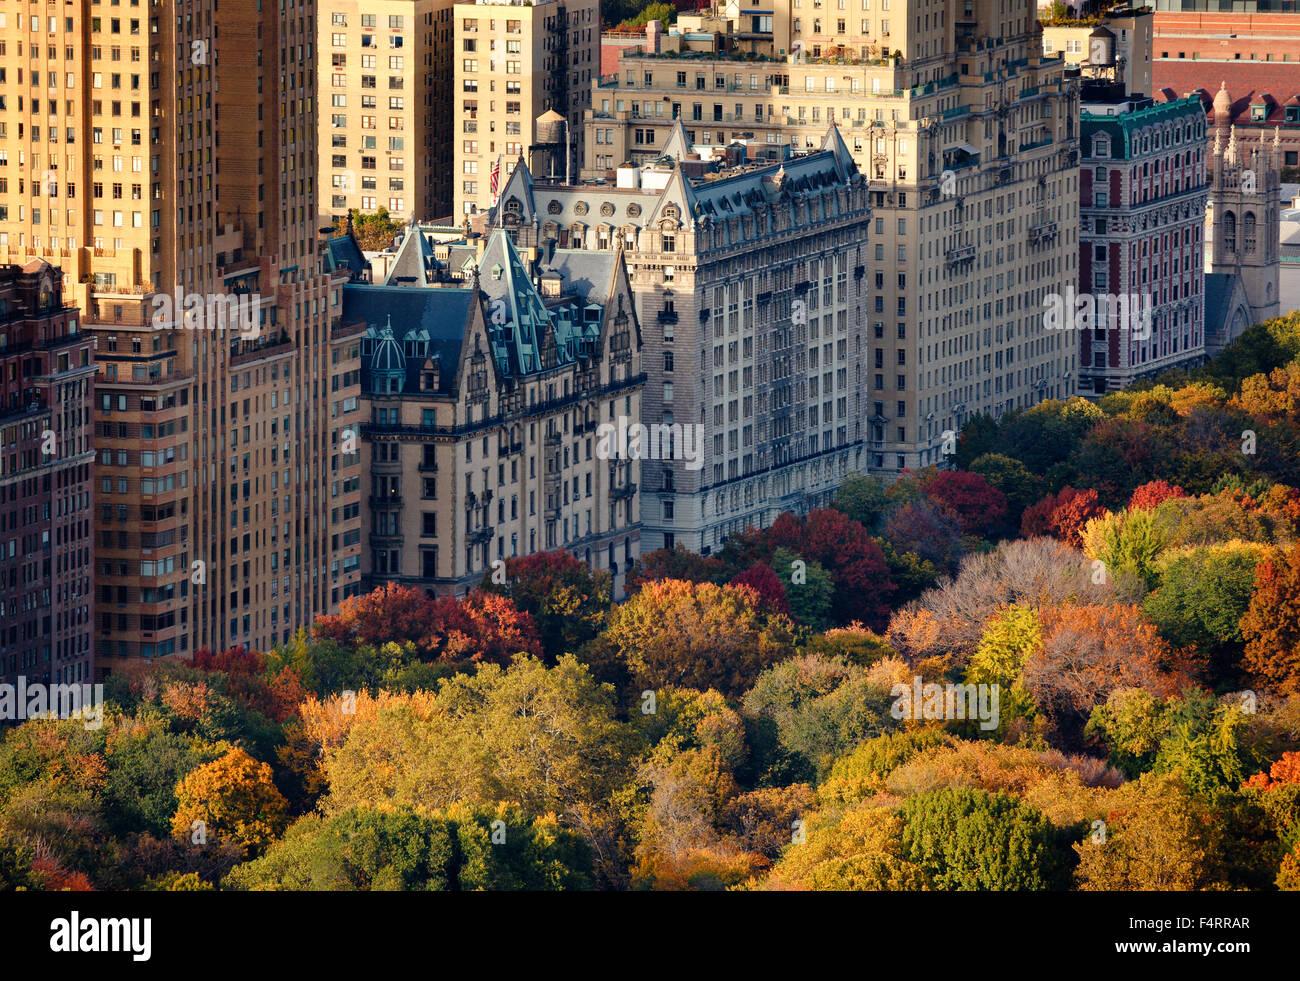 Luftaufnahme der Upper West Side-Gebäude und dem Central Park im Herbst, Manhattan, New York City Stockbild